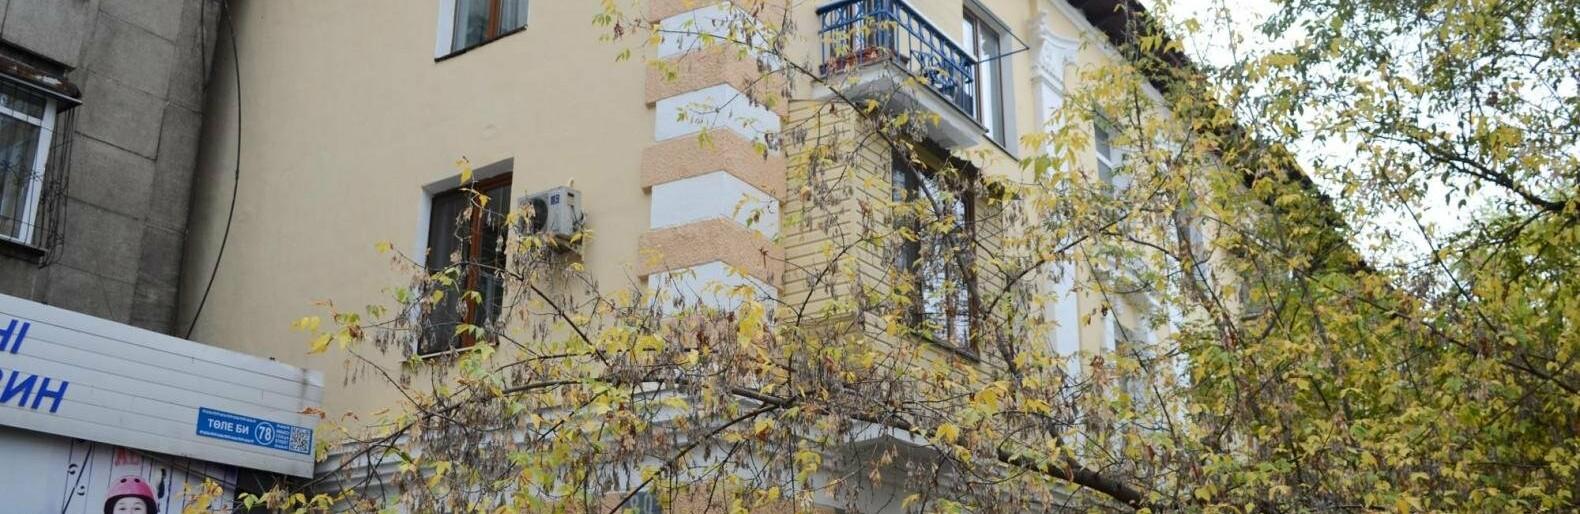 В Турксибском районе Алматы строят 11 домов в рамках программы по реновации жилья